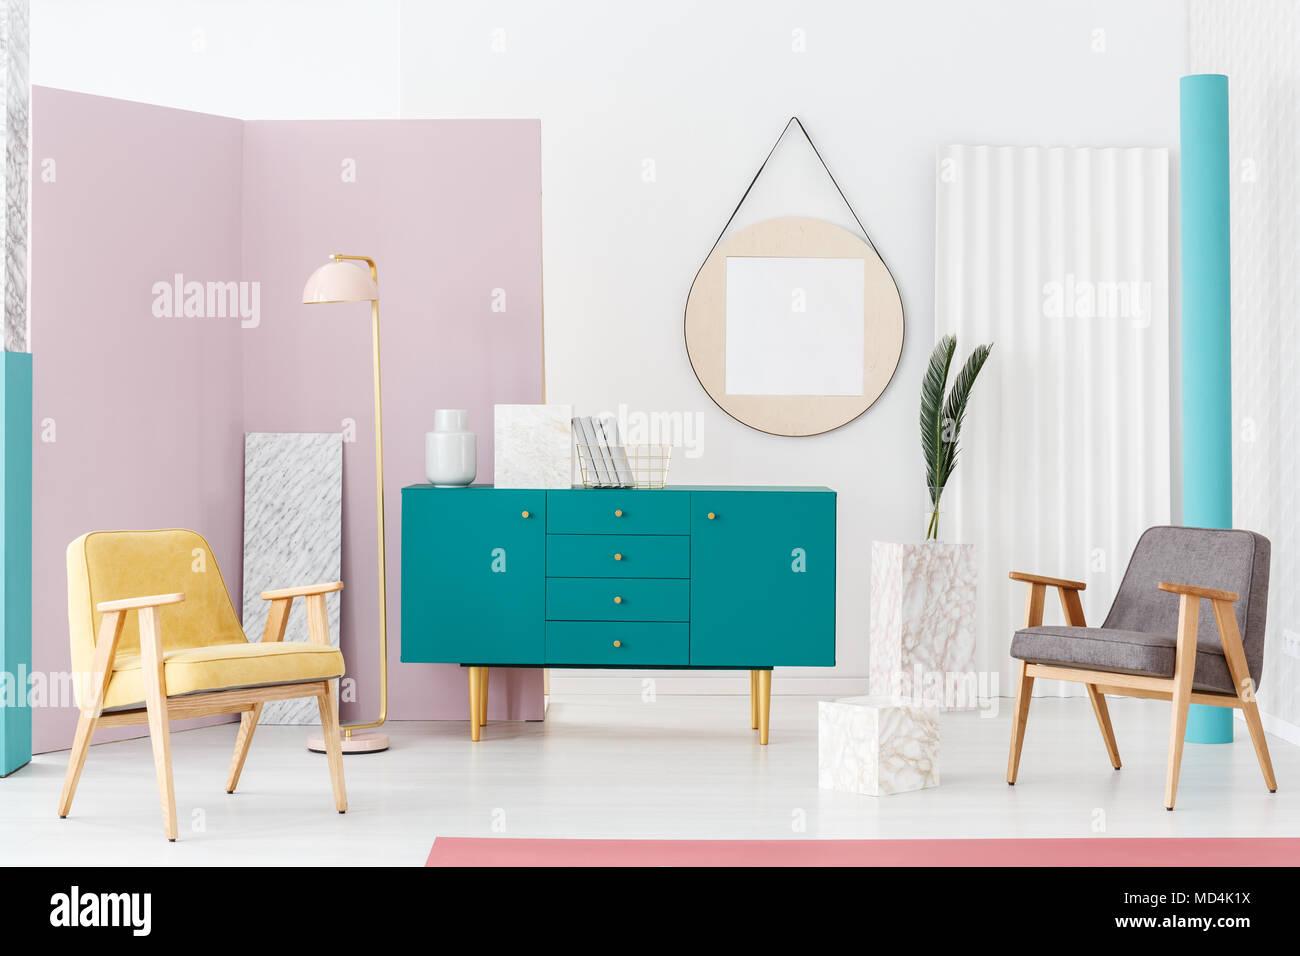 Campagne Du0027un Mobilier élégant Idée Pour Un Salon Moderne Intérieur Avec  Des Couleurs Pastel, Bleu Turquoise Style Scandinave élégant Buffet Et  Decorati